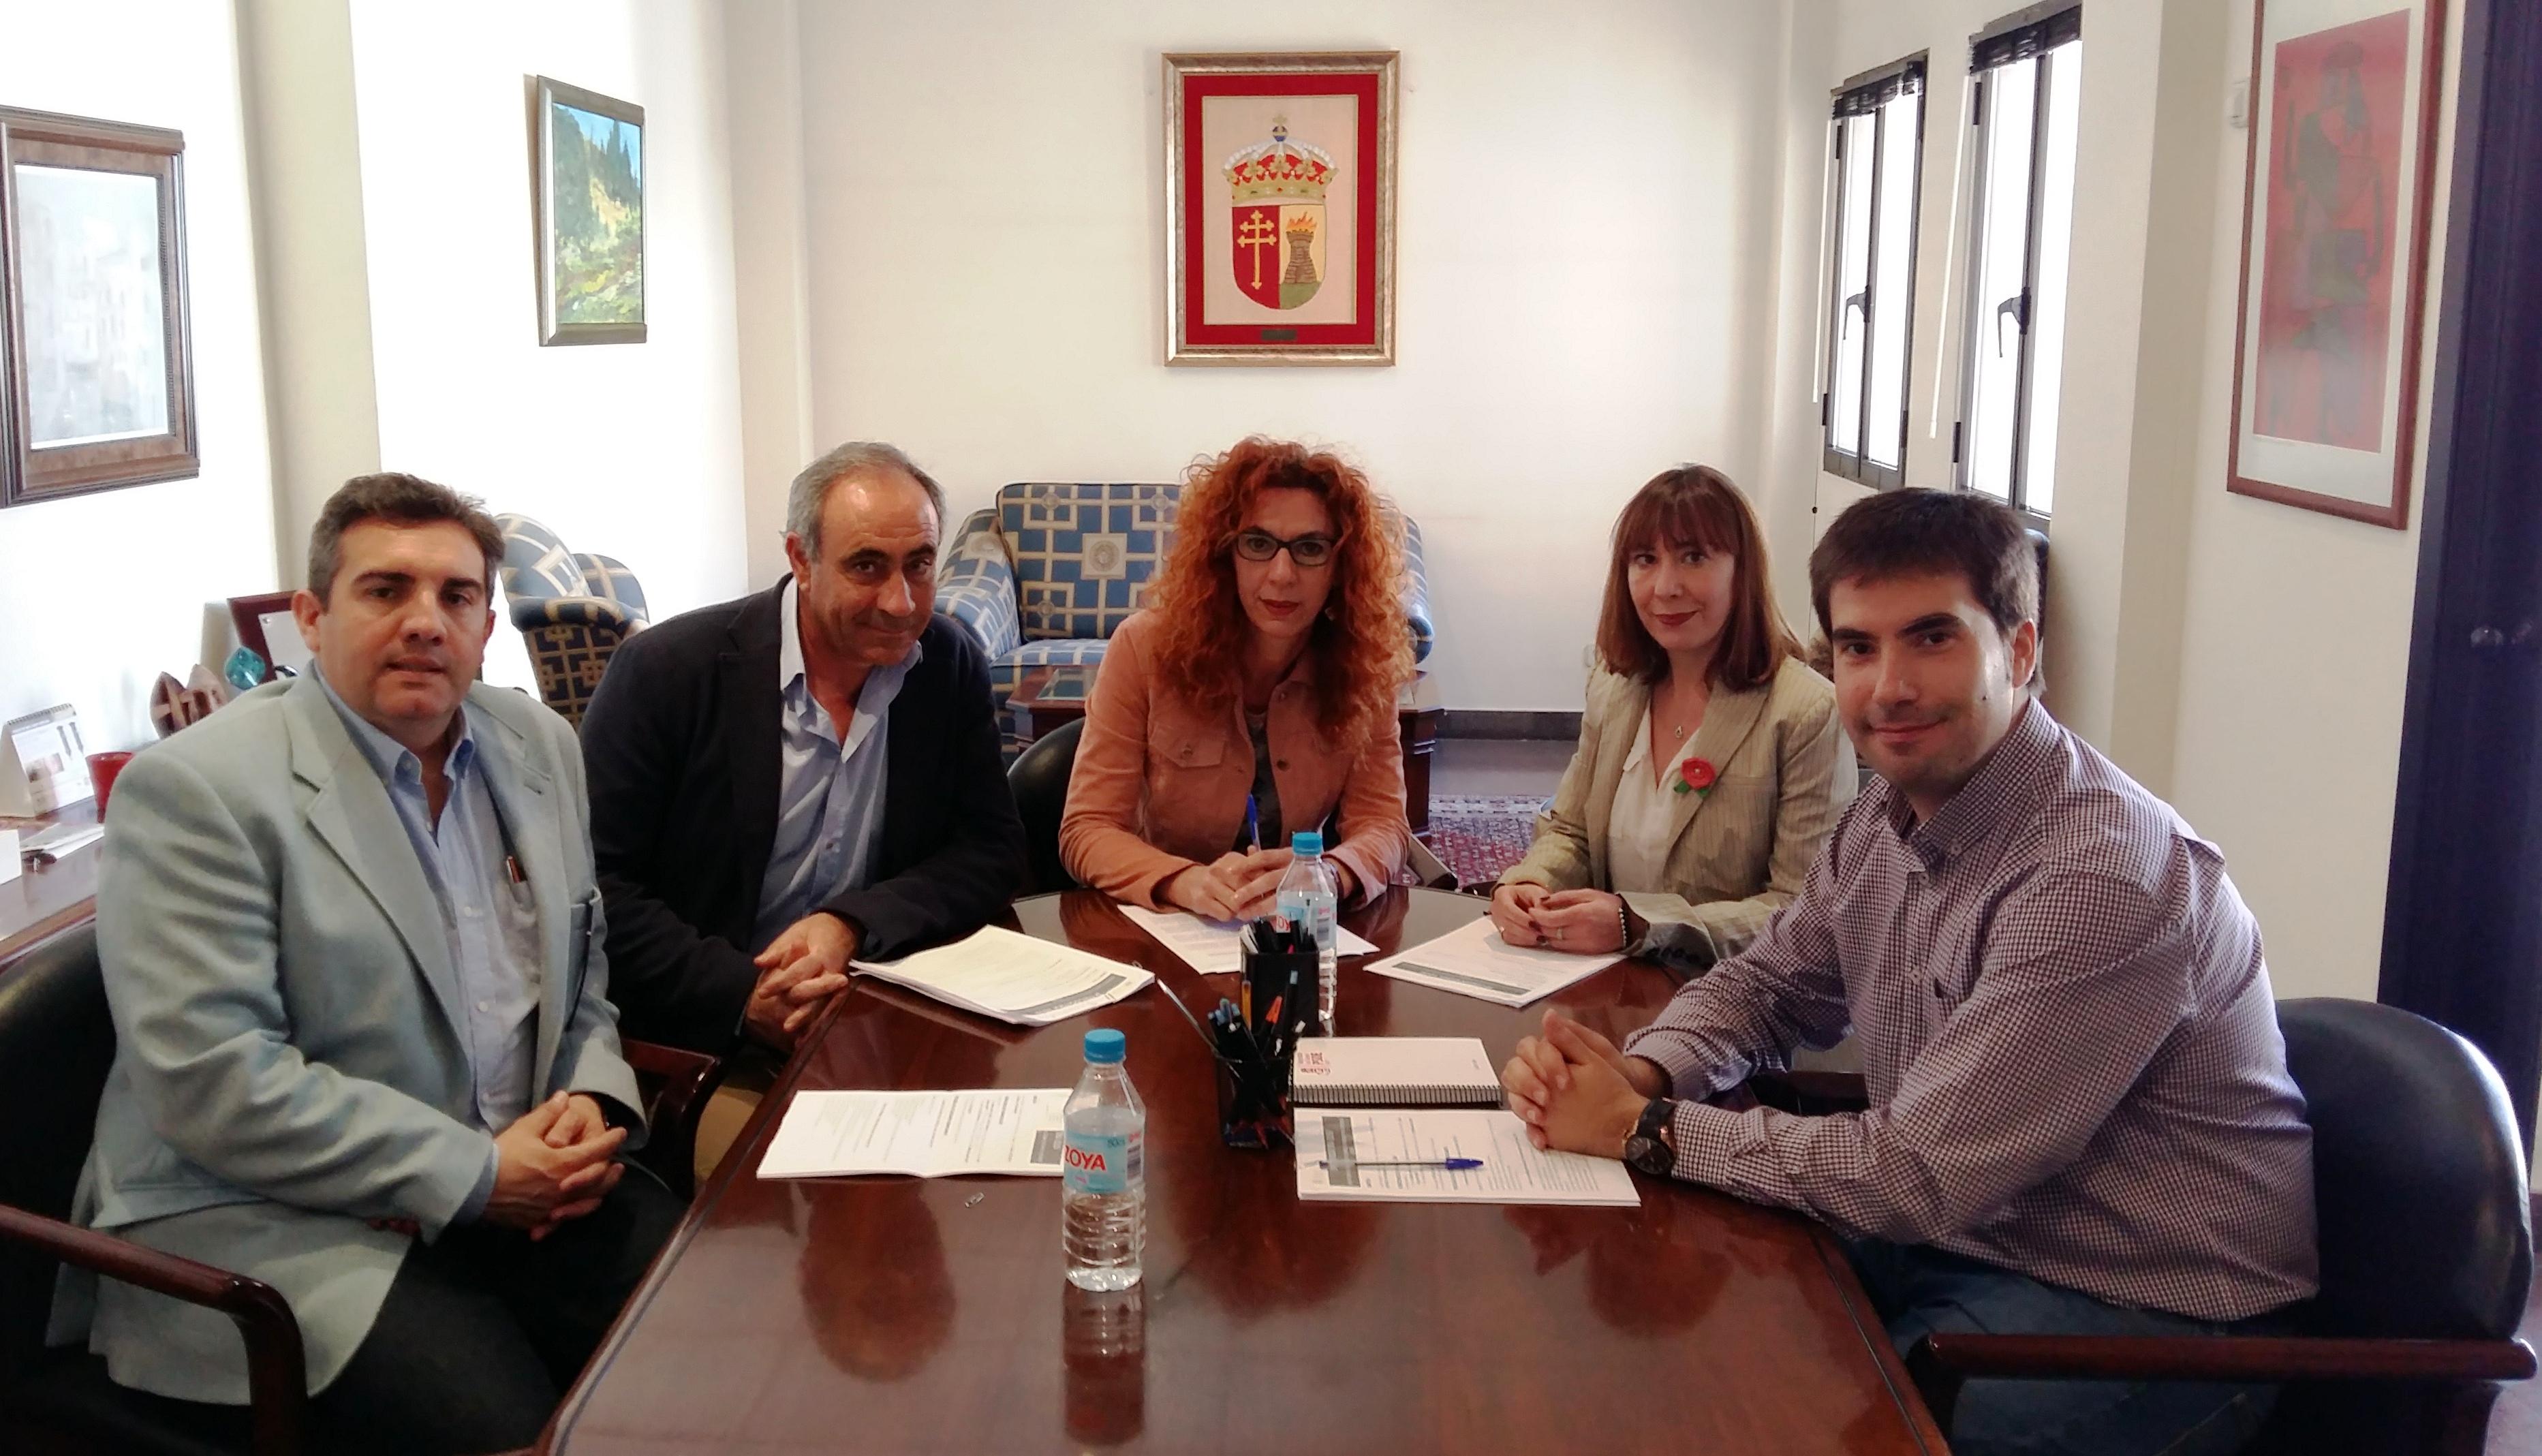 La Alcaldesa de Velilla y los Alcaldes de Mejorada, Loeches y Torres de la Alameda se reunen para trabajar en proyectos europeos